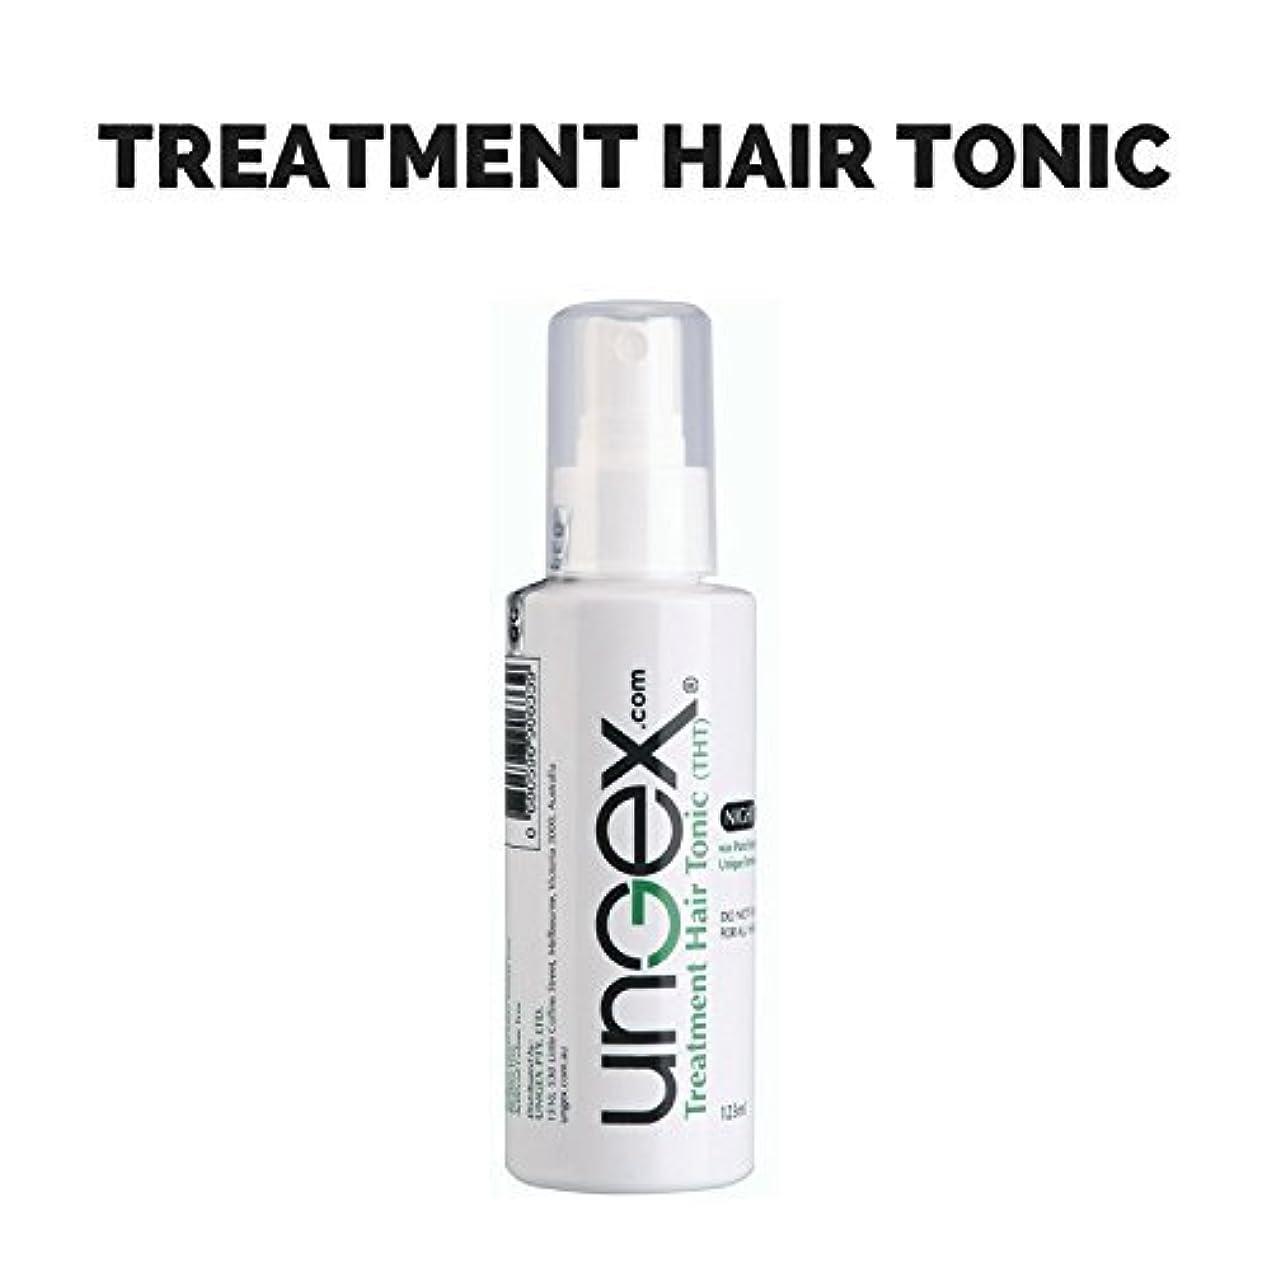 信条強化持続するTreatment Hair Tonic - Protect Scalp and Soothe Itching from Demodex Mites